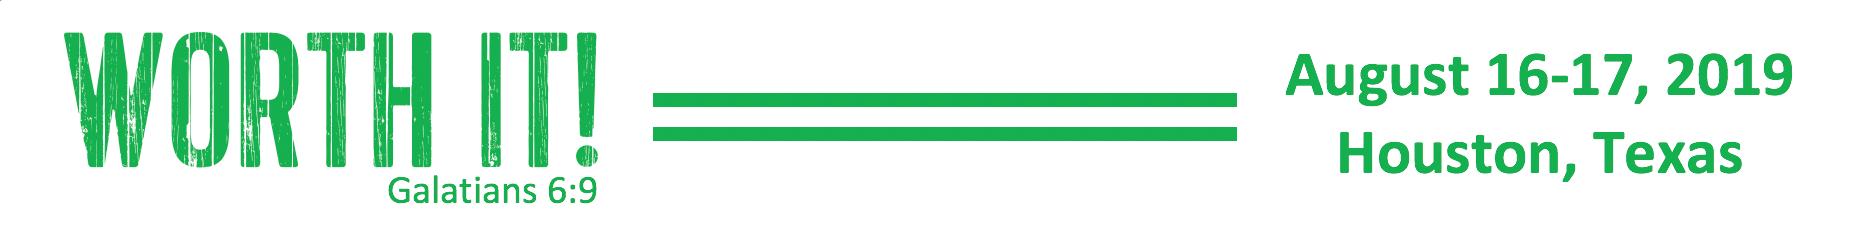 SUMMIT2019_Banner Title